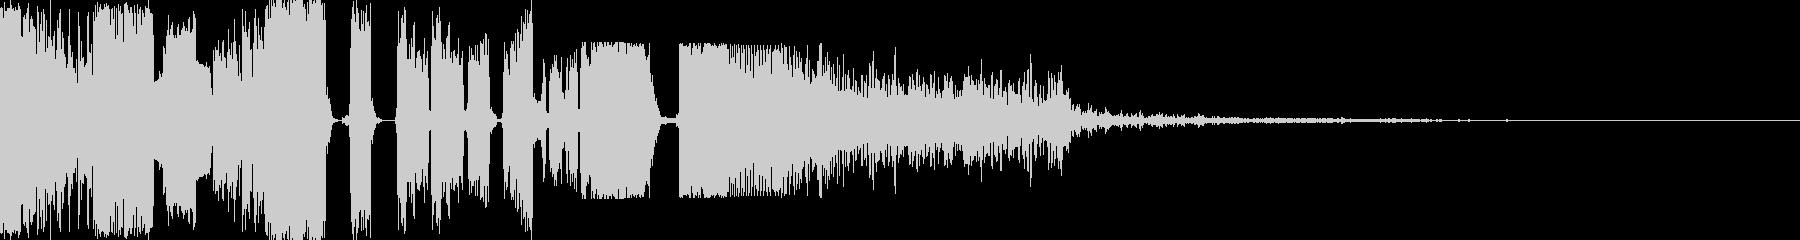 ジングル制作に最適な効果音 DJMIXの未再生の波形